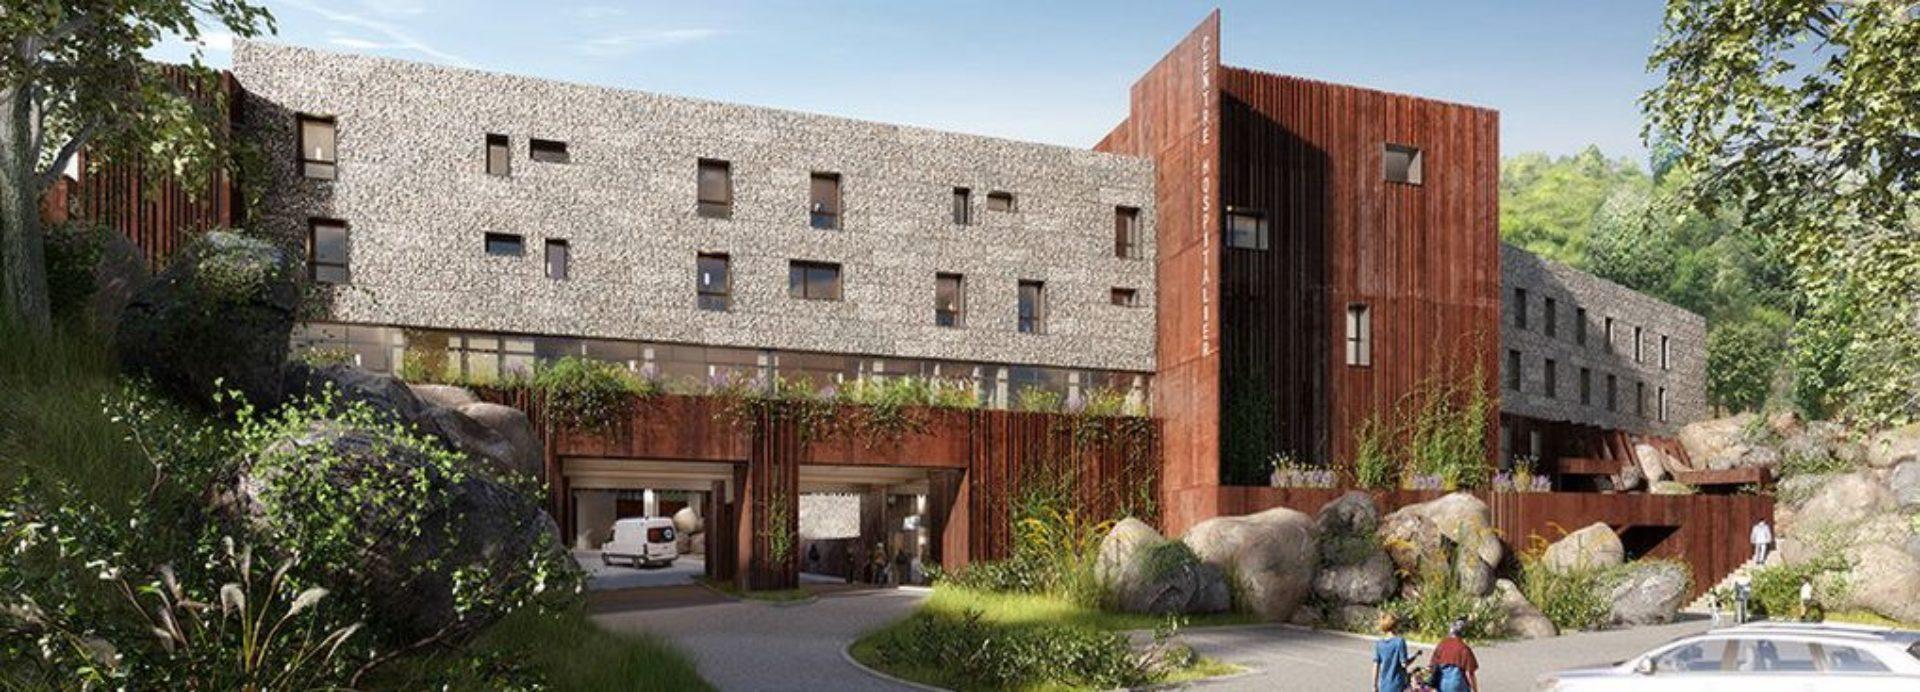 Centre Hospitalier de Saint-Pons de Thomières